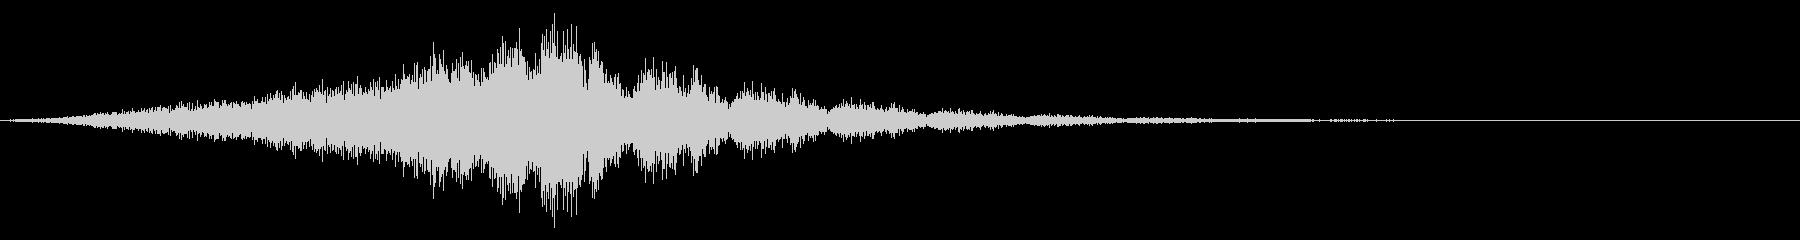 タイトルSE ver02(きらびやか)の未再生の波形